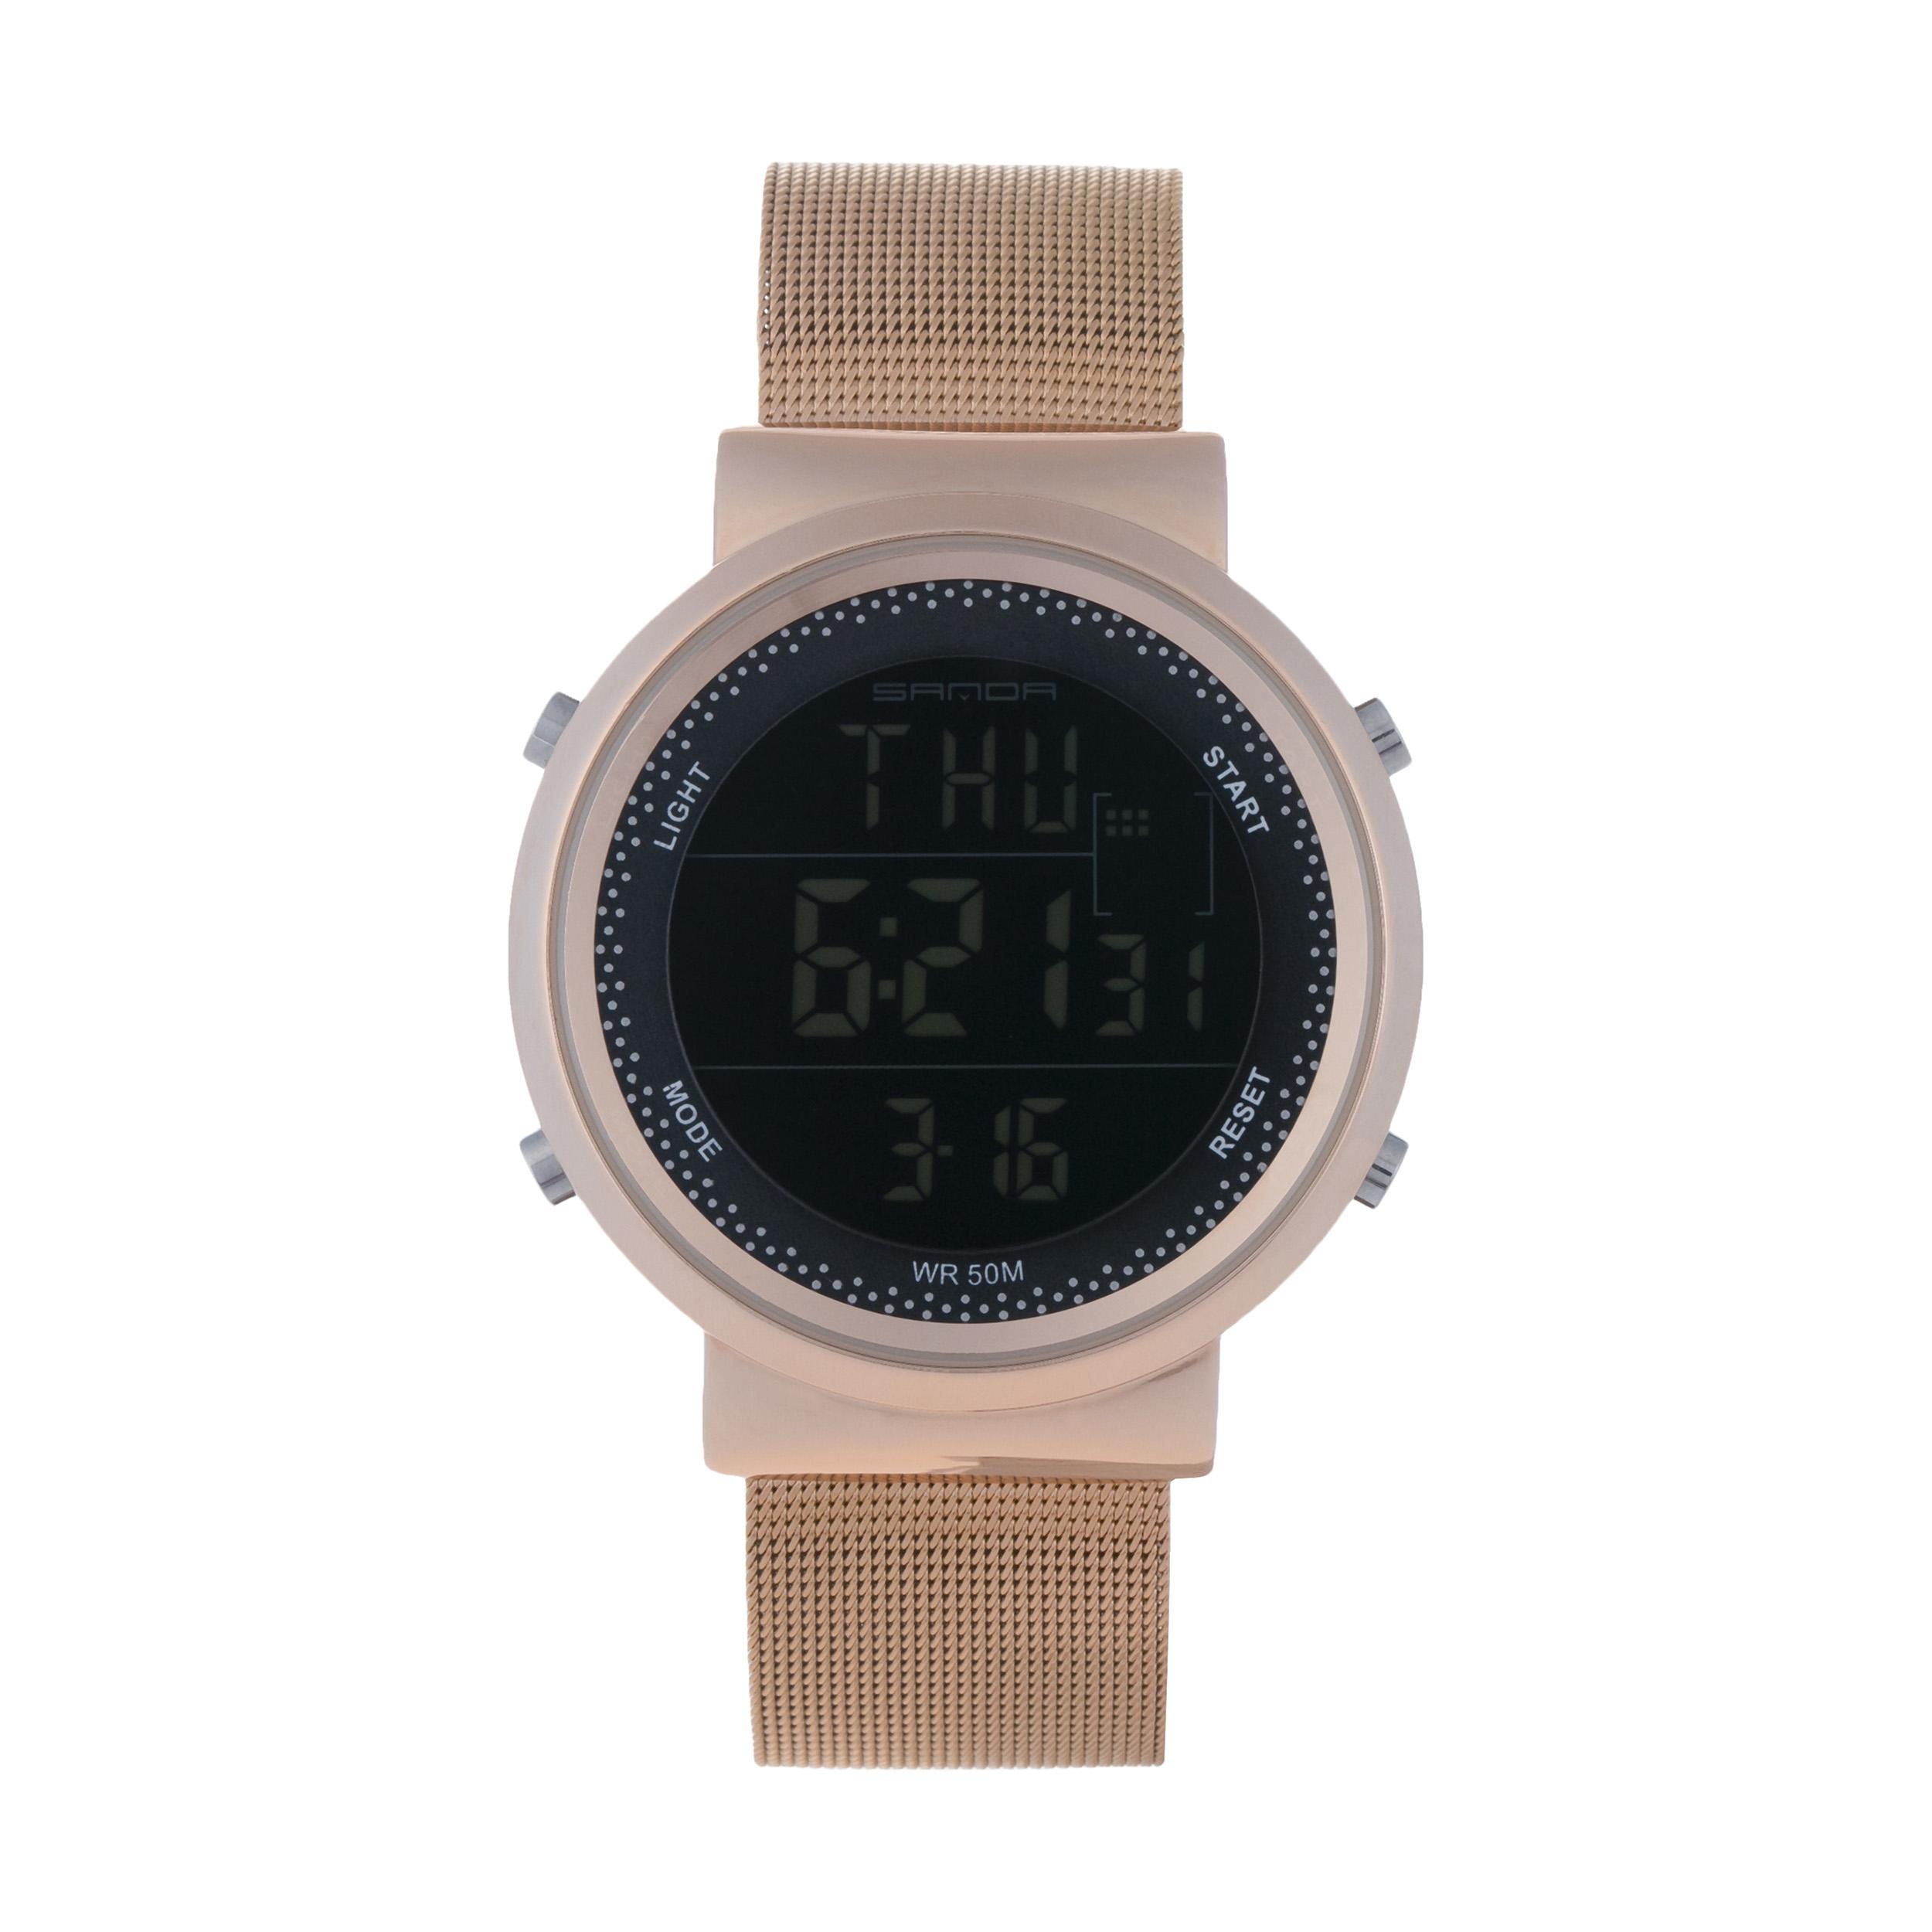 ساعت مچی دیجیتال مردانه ساندا مدل CR2016-383-RO به همراه دستمال مخصوص نانو برند کلیر واچ 36